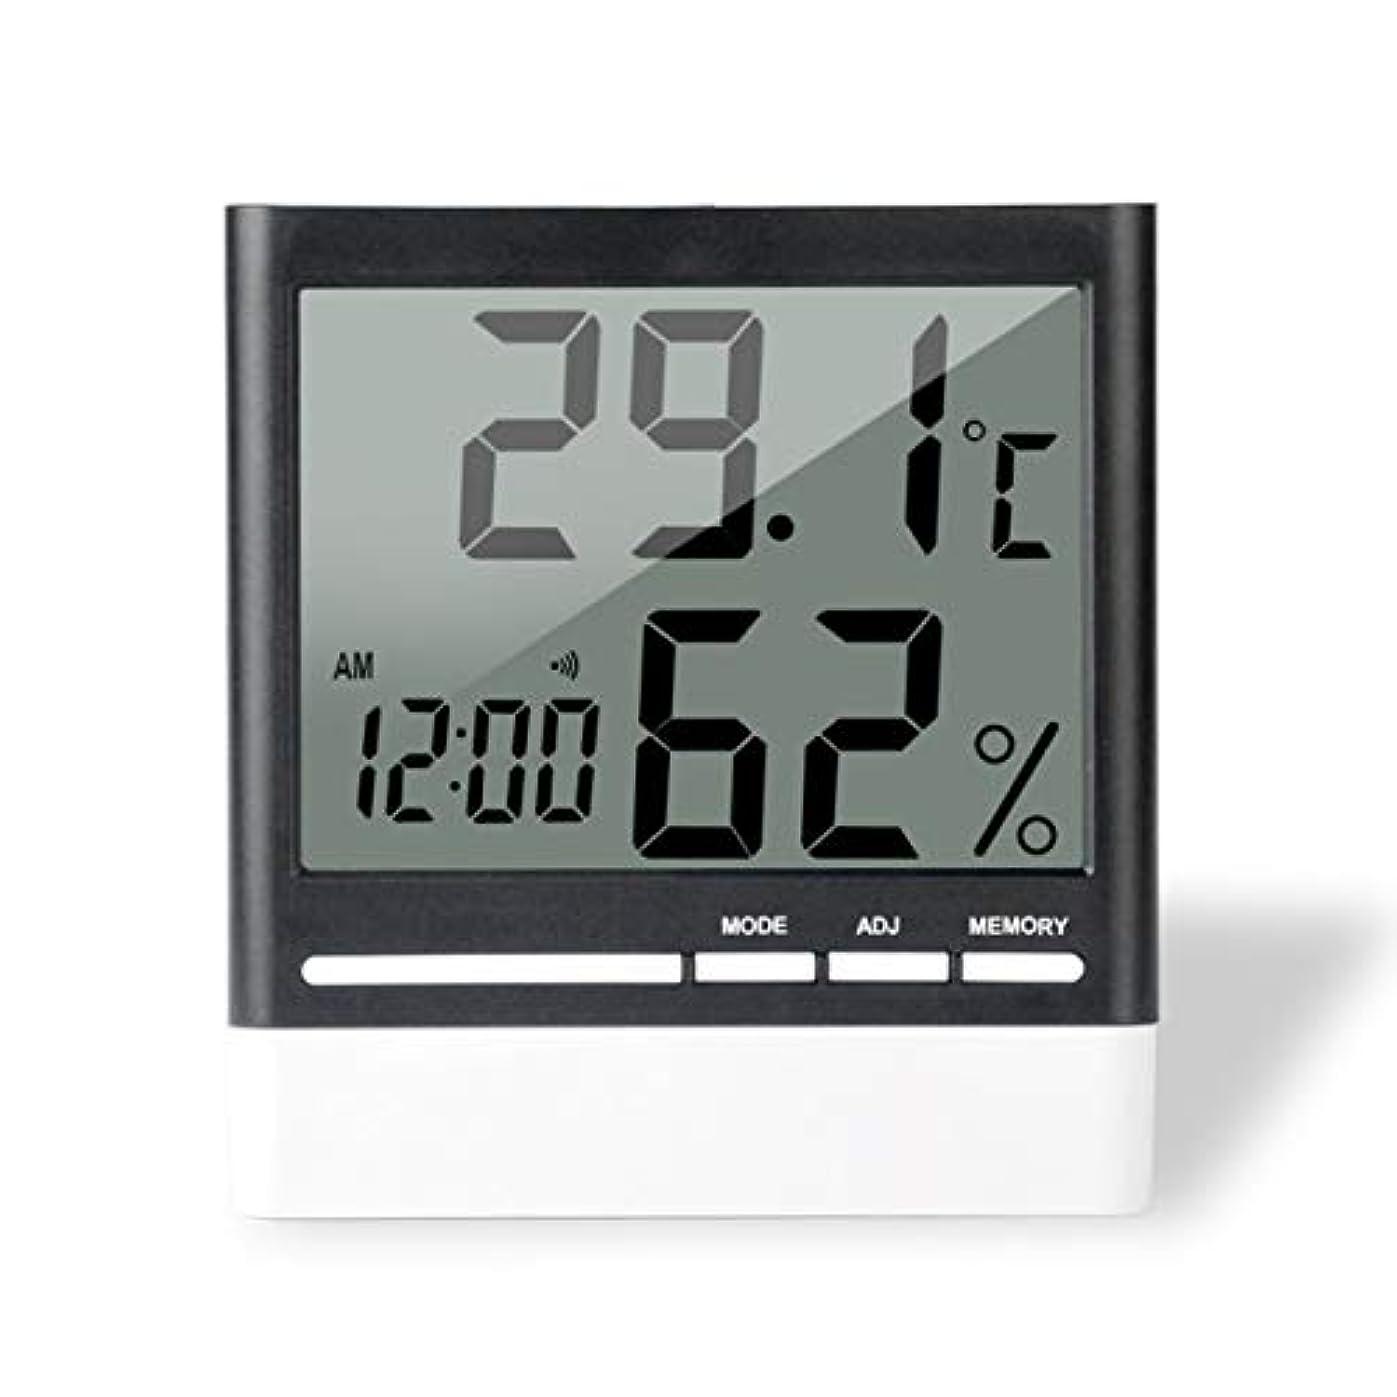 排気世代代表してSaikogoods 電子体温計湿度計 デジタルディスプレイ 温度湿度モニター アラーム時計 屋内家庭用 ブラック